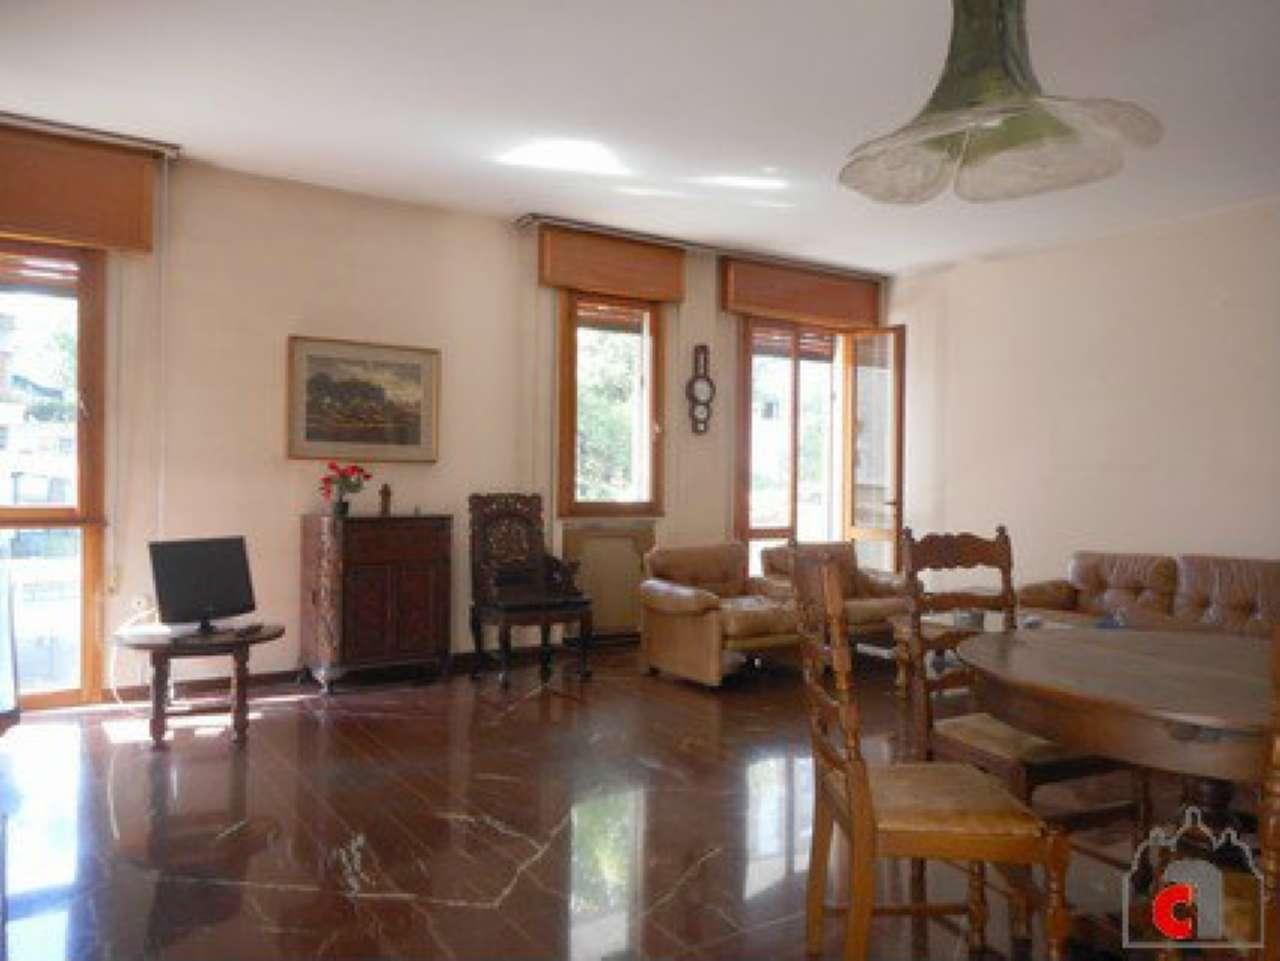 Appartamento in vendita a Padova, 6 locali, zona Zona: 4 . Sud-Est (S.Croce-S. Osvaldo, Bassanello-Voltabarozzo), prezzo € 270.000 | CambioCasa.it